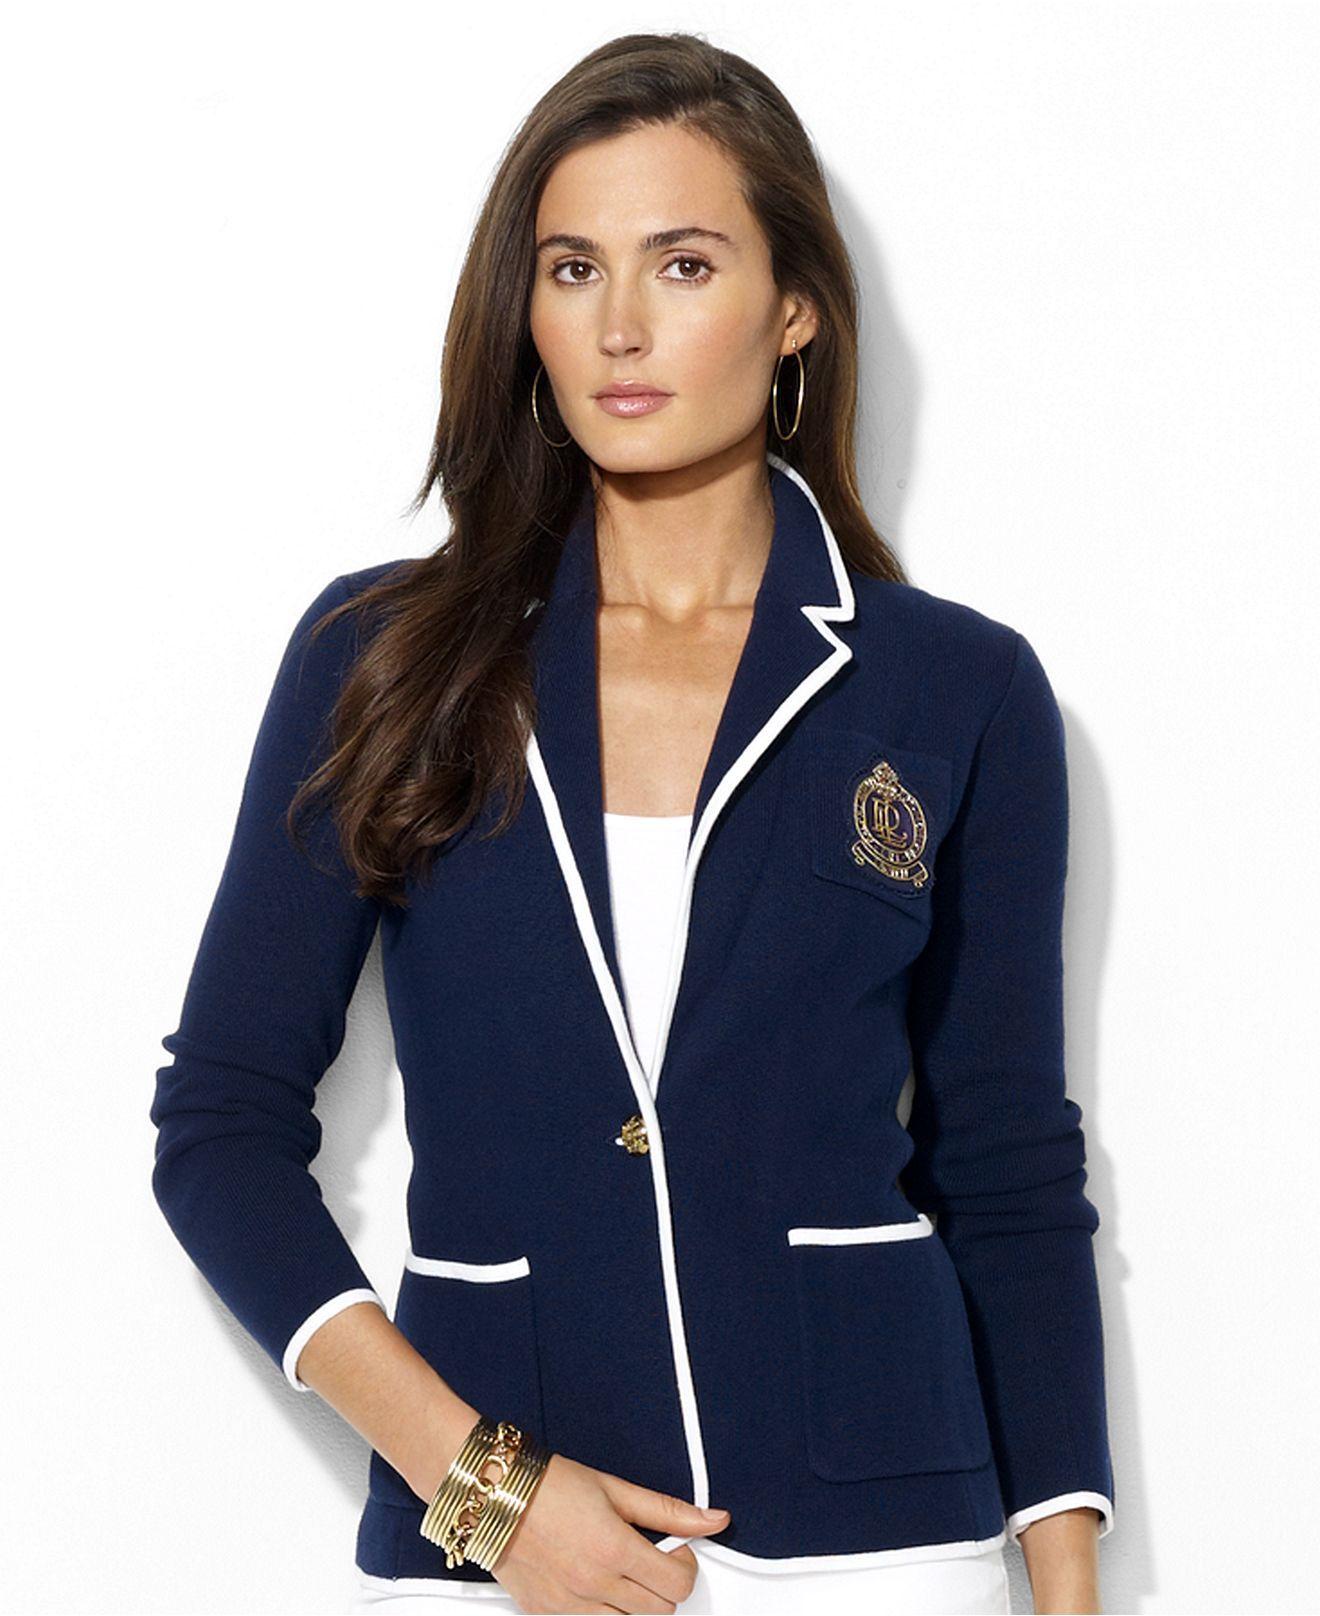 Lauren Ralph Lauren Suit Jacket Womens Last Style Suits & Suit Separates Clothing, Shoes & Accessories